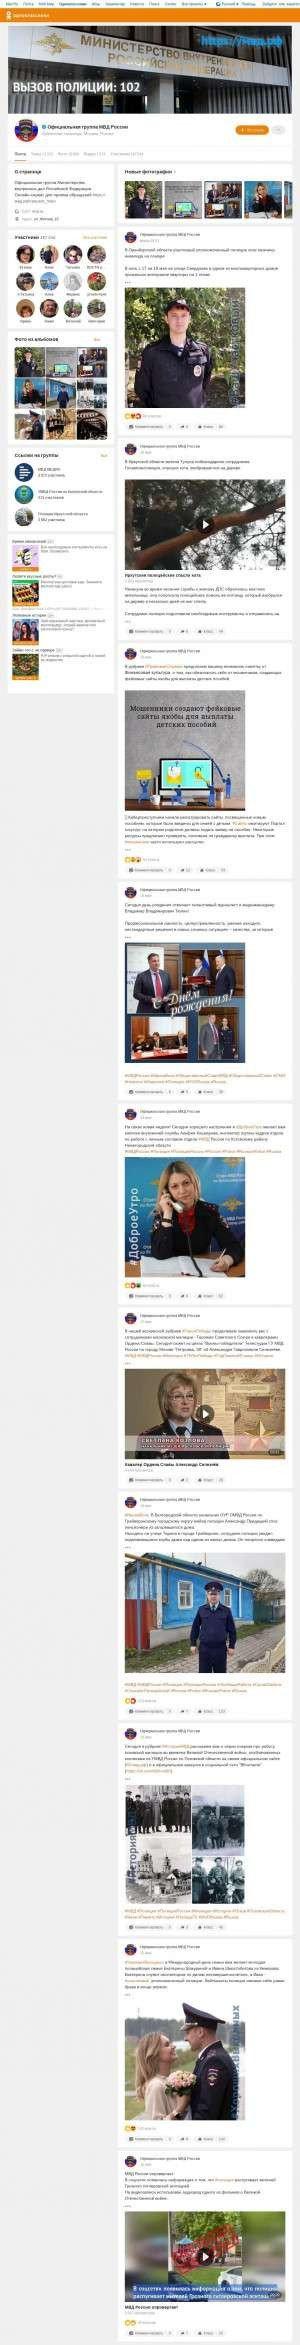 Предпросмотр для ok.ru — ФГКУ УВО МВД по Республике Татарстан